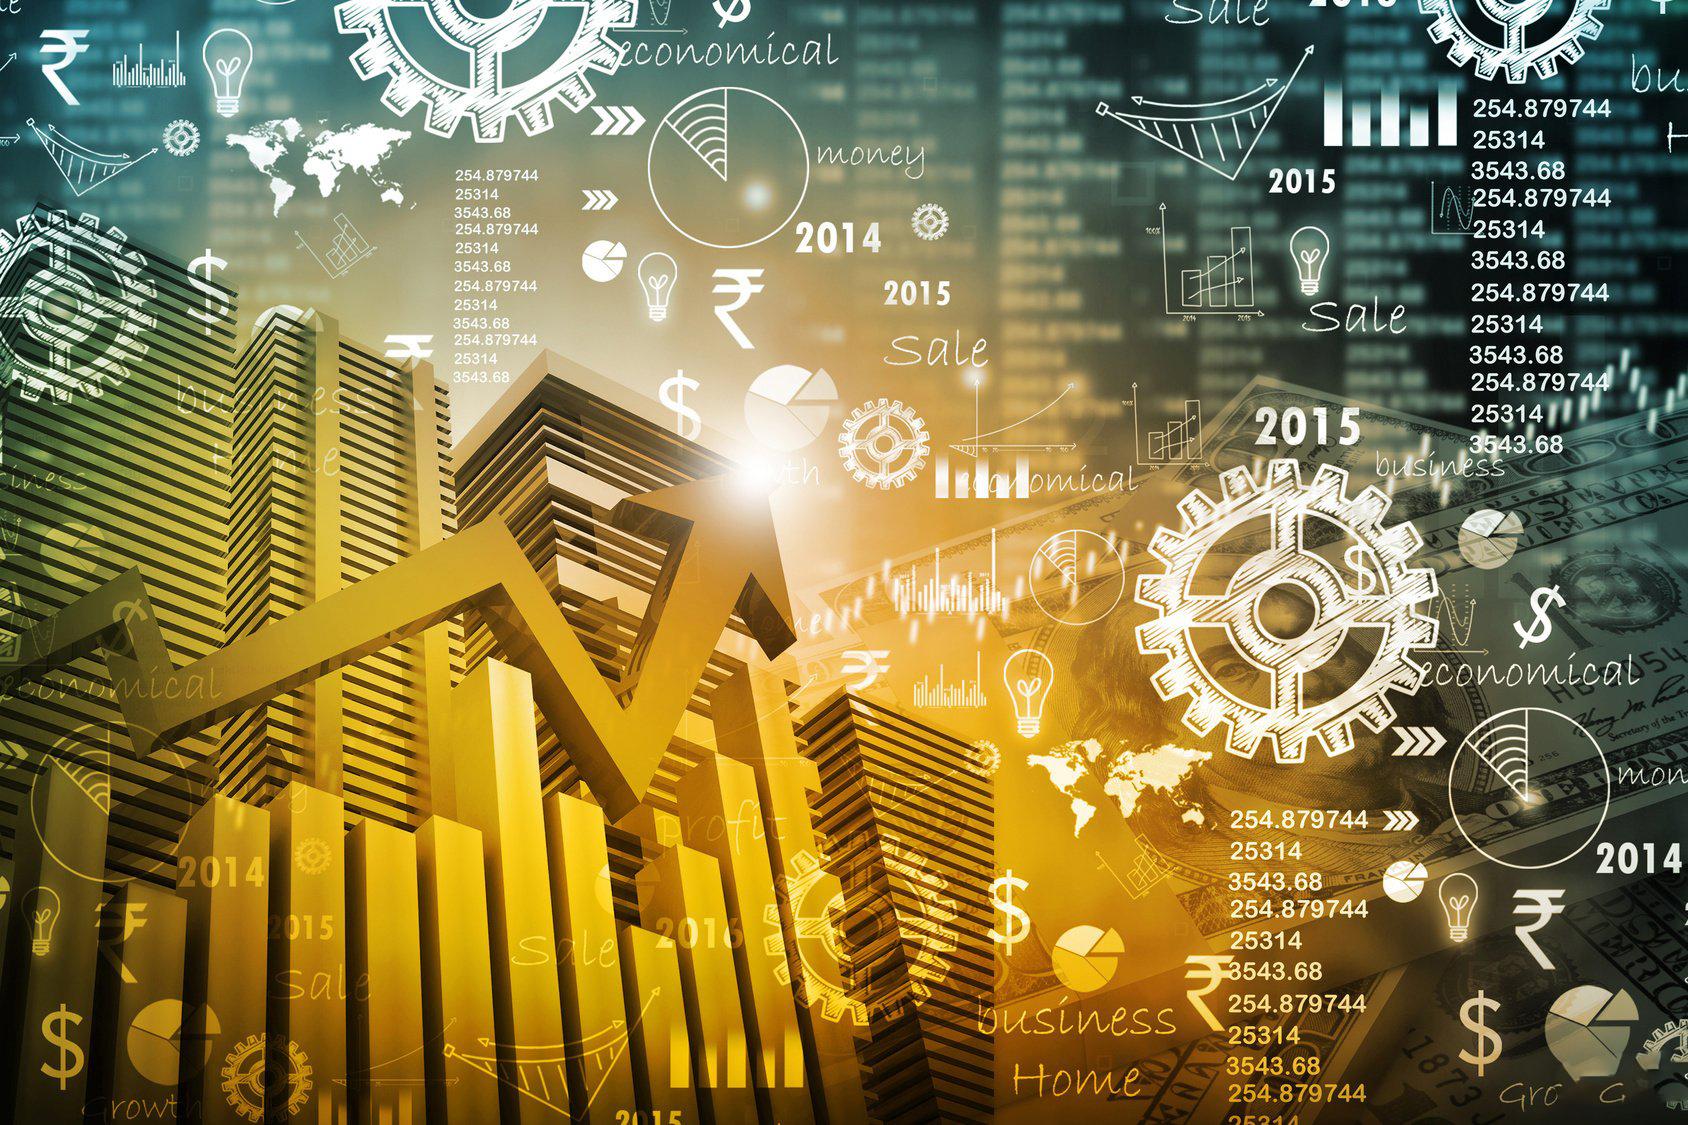 股票入门视频教程:量能的暗示(第1讲)